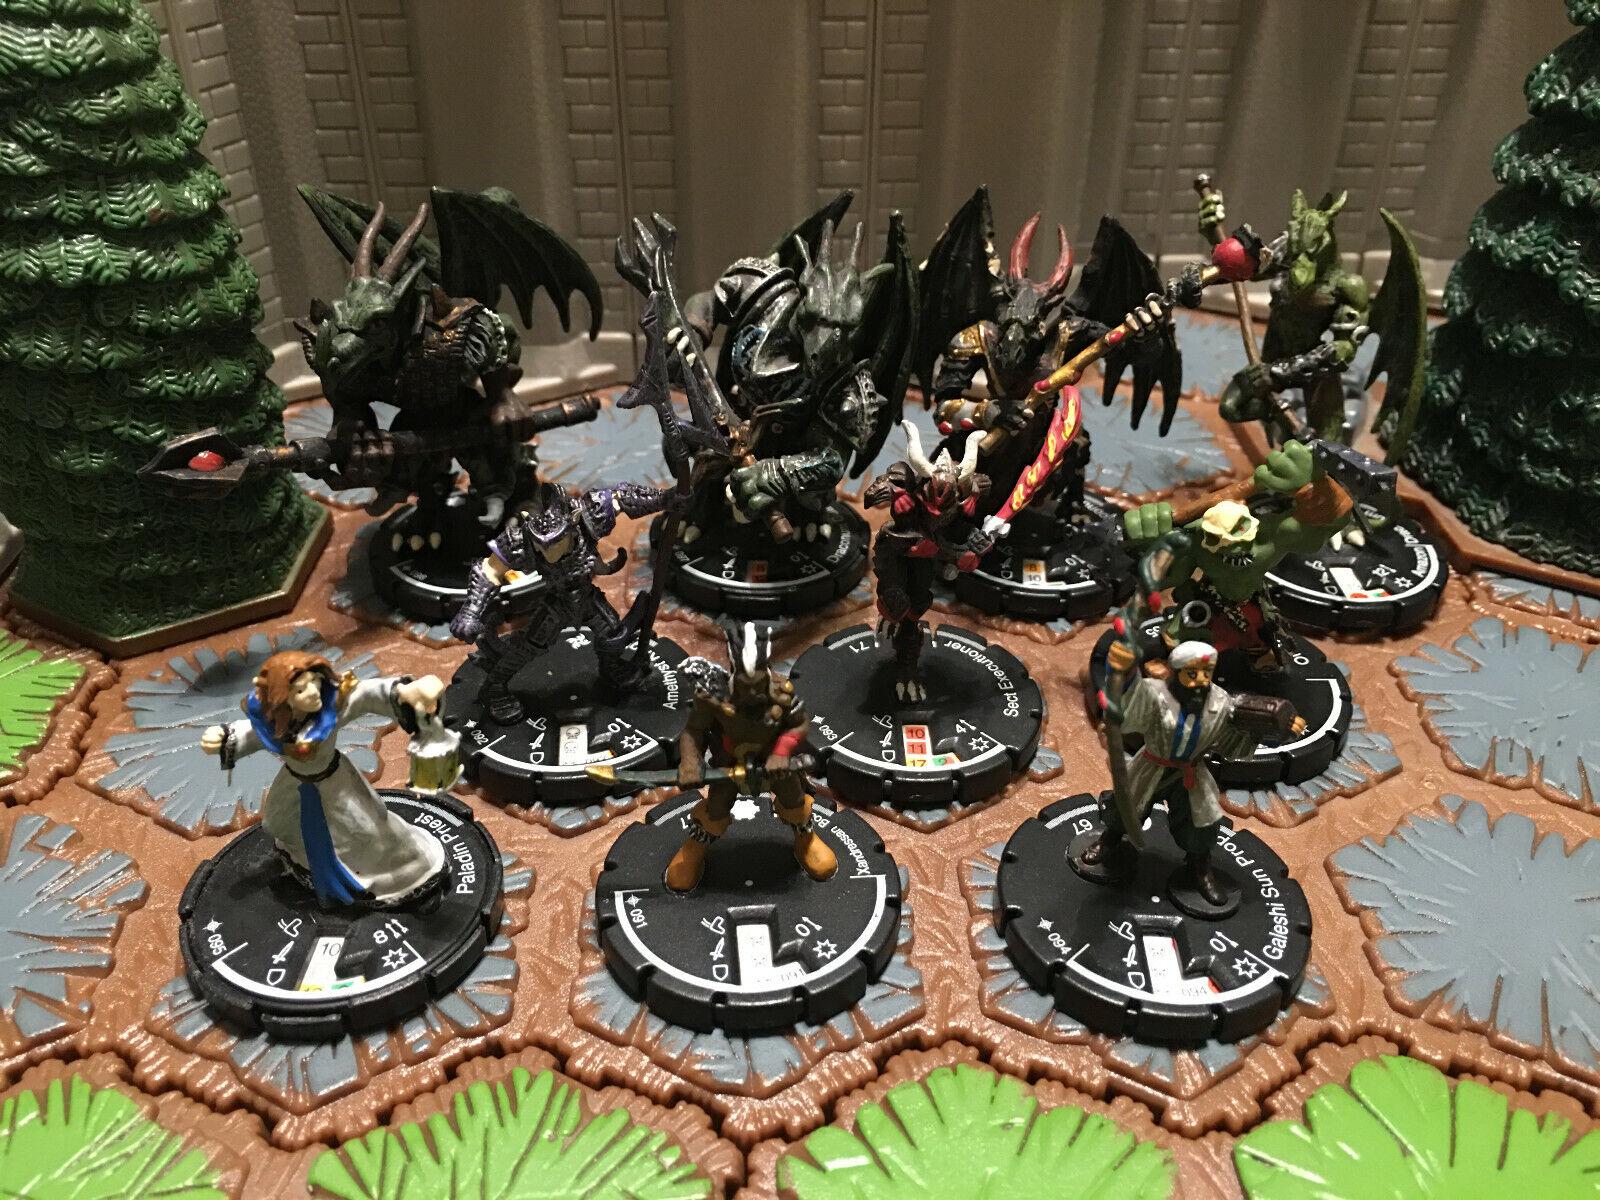 10 Figure Unique Set Mage Knight Minions D&D, Pathfinder, RPG, Clix